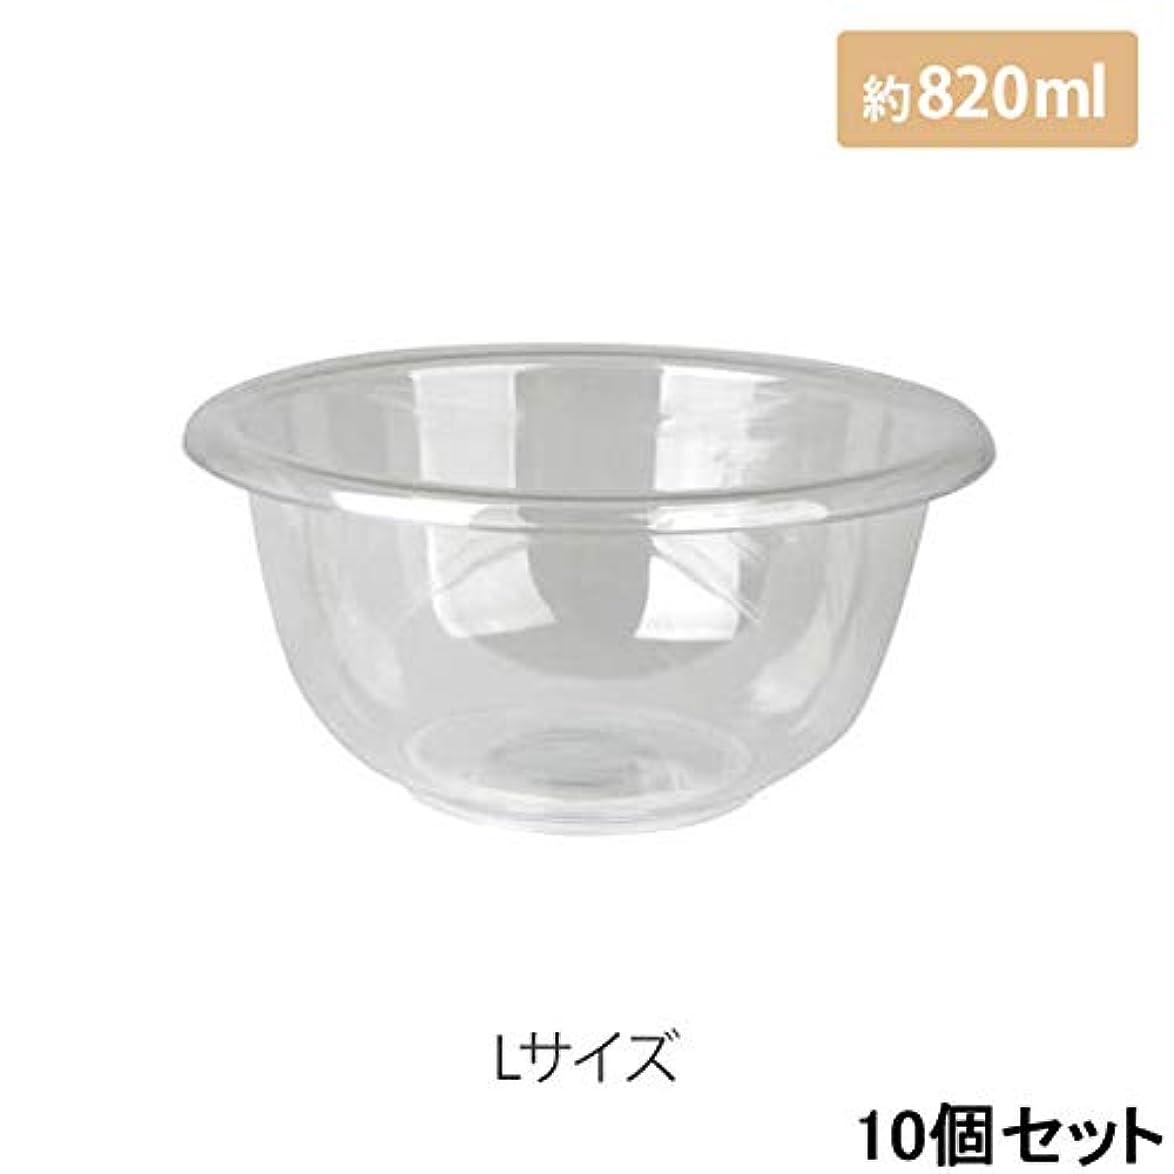 ペストリーコイル組マイスター プラスティックボウル (Lサイズ) クリア 直径19.5cm (10個セット) [ プラスチックボール カップボウル カップボール エステ サロン プラスチック ボウル カップ 割れない ]